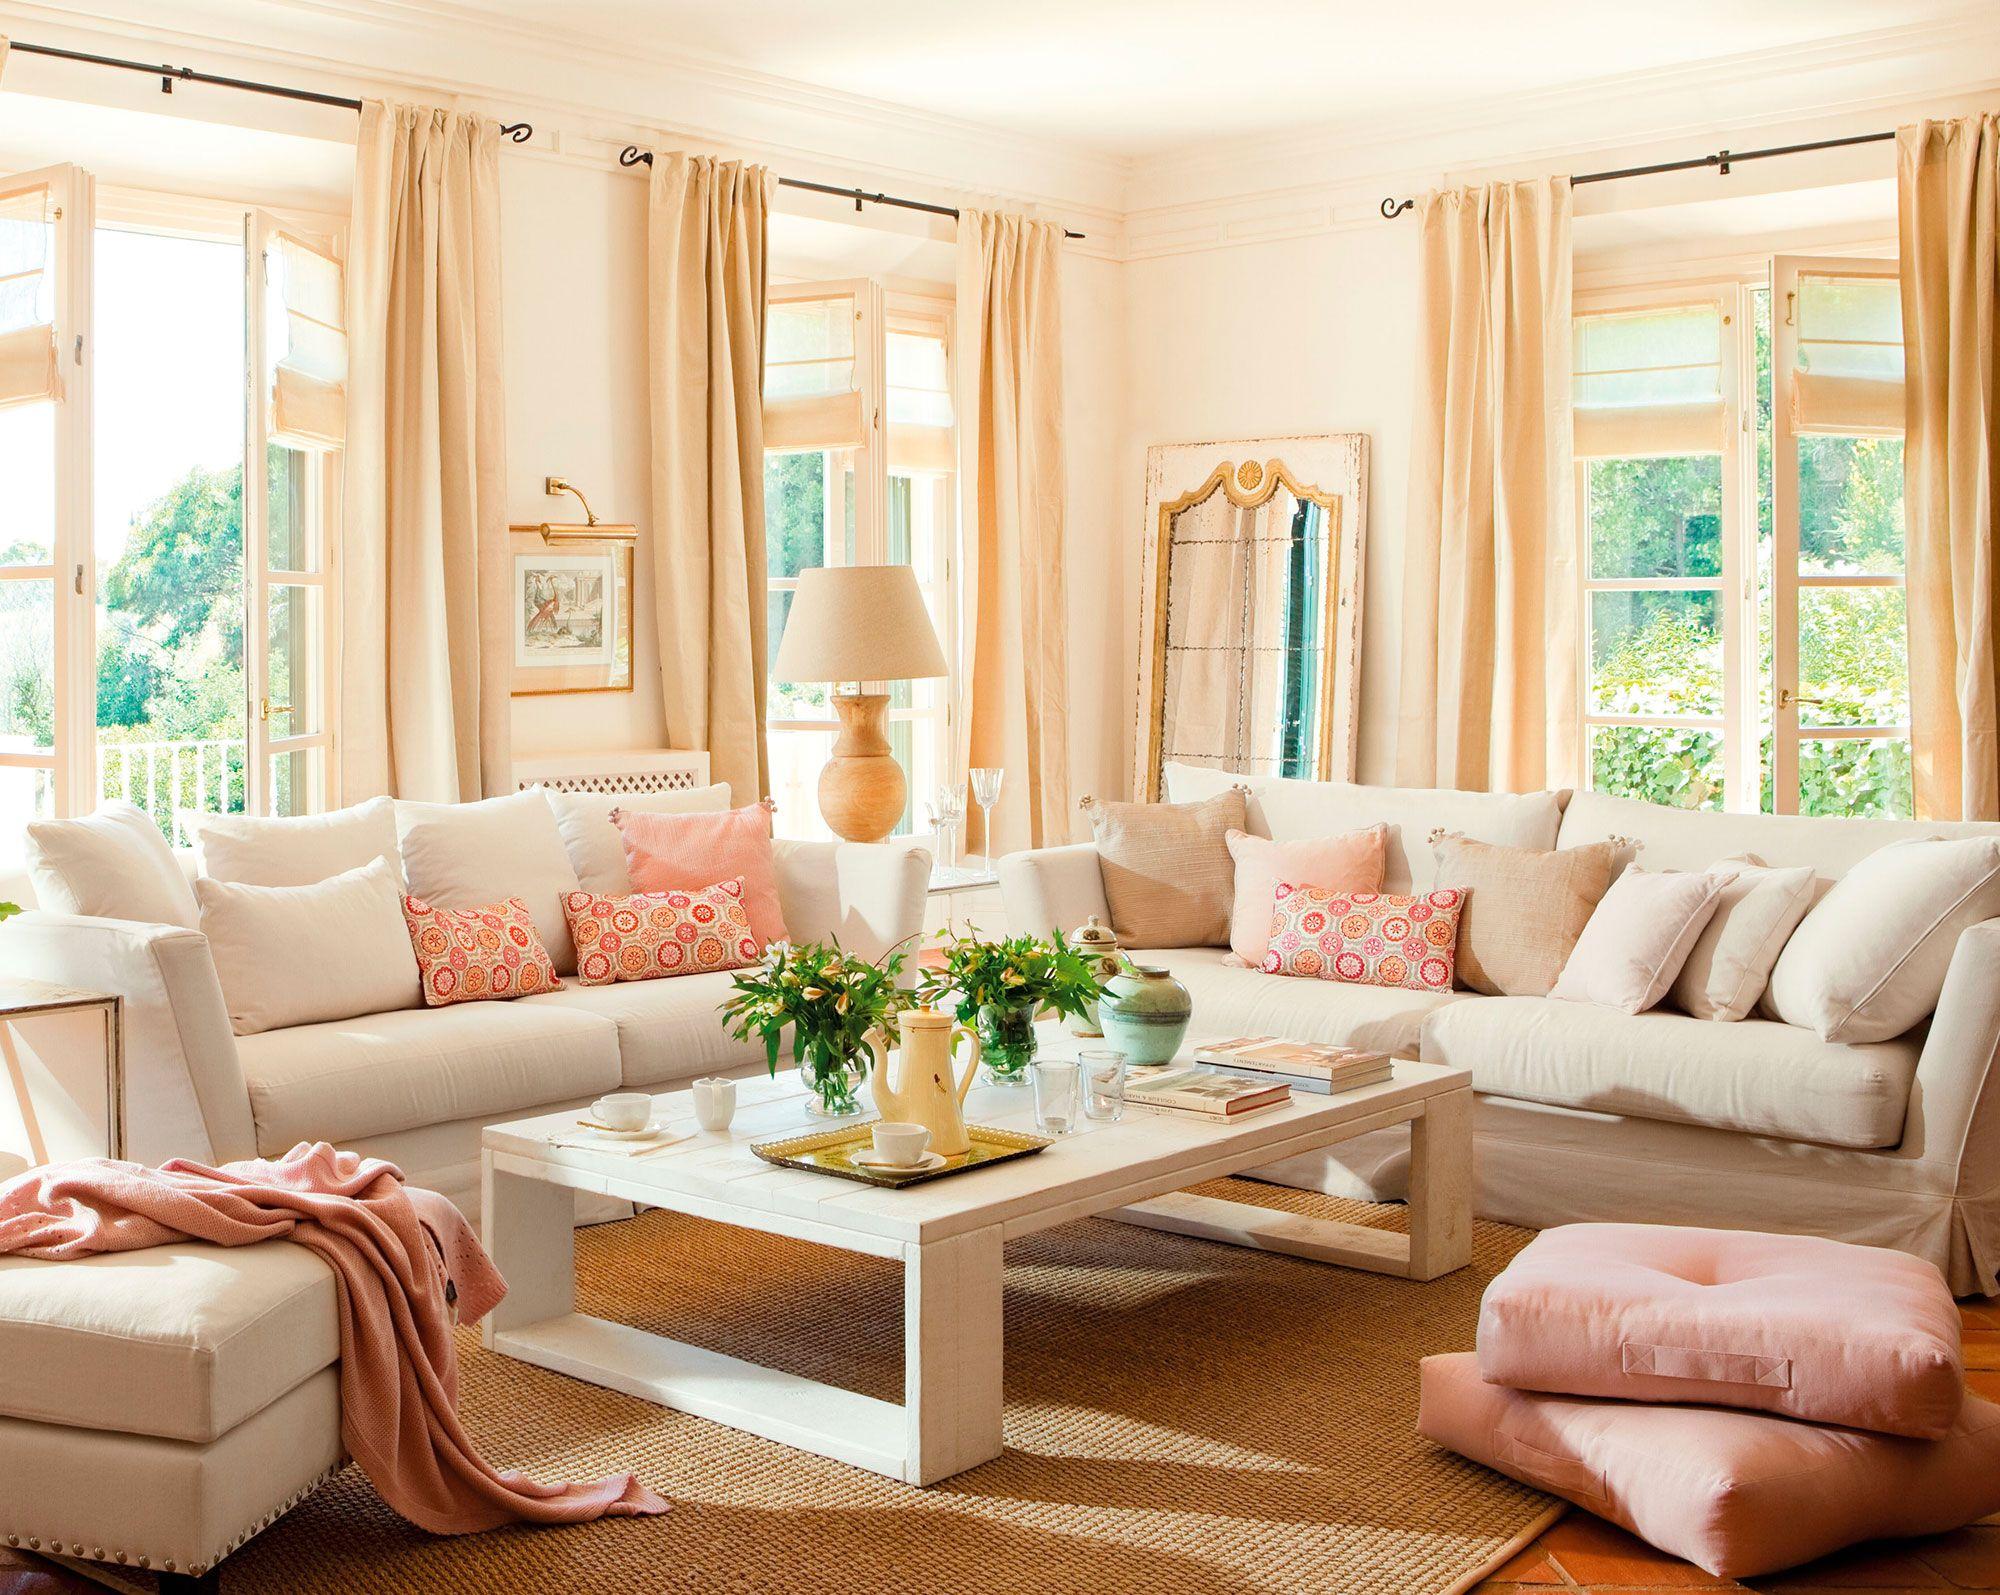 Rosa en clave femenina salas acogedoras salones for Decoracion de casas acogedoras